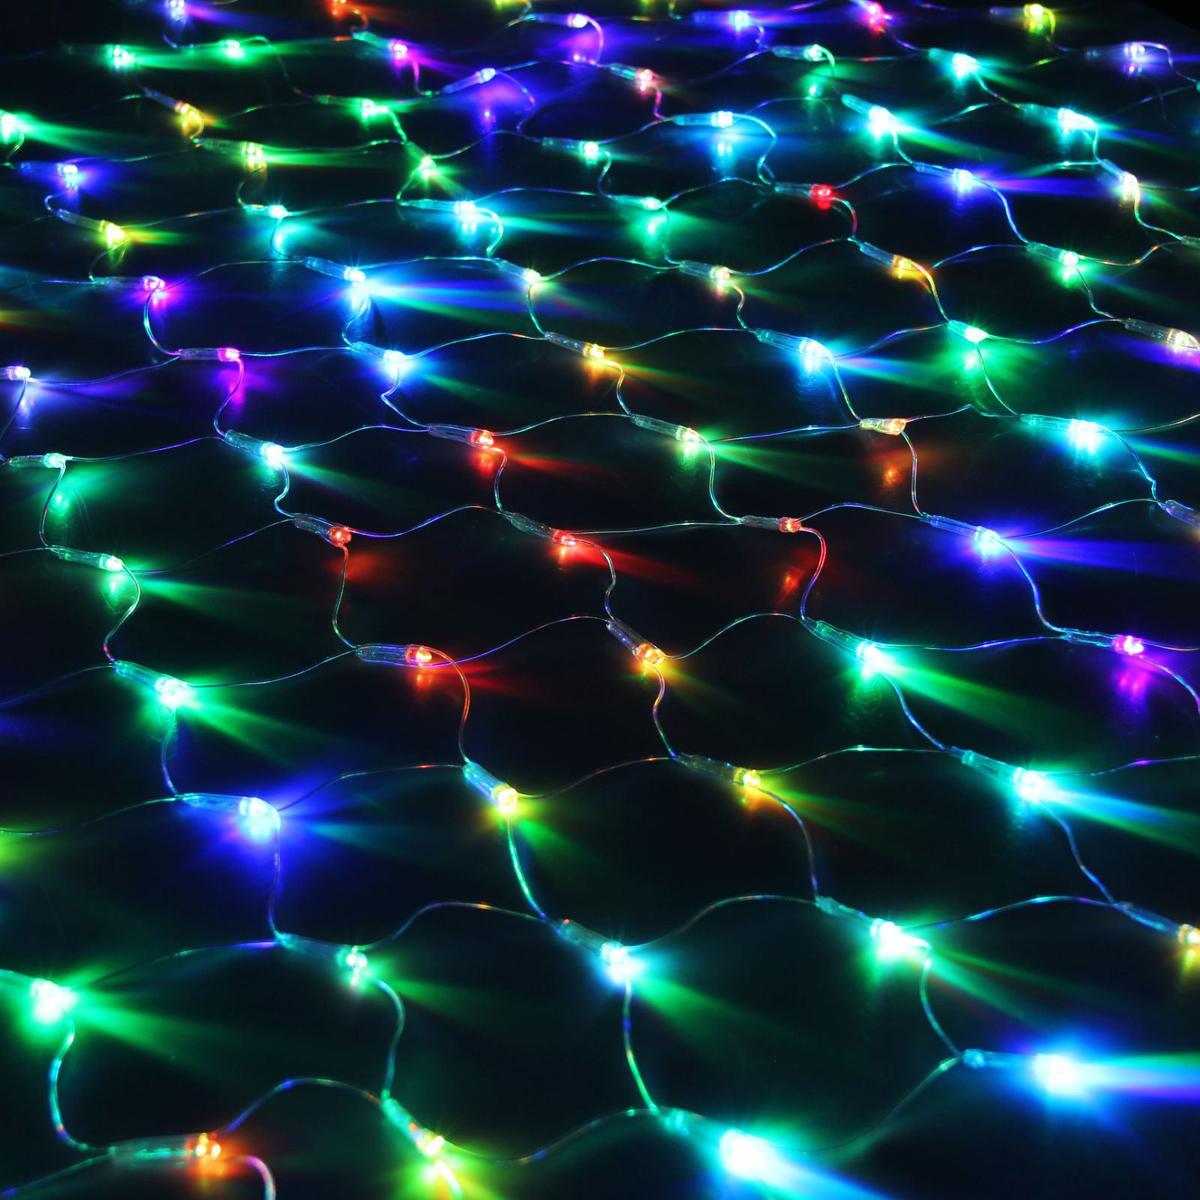 Гирлянда Luazon Сетка, длина 1,1 м, LED 144 ламп, 220V, цвет: мультиколор. 10804931080493Светодиодные гирлянды, ленты и т.д — это отличный вариант для новогоднего оформления интерьера или фасада. С их помощью помещение любого размера можно превратить в праздничный зал, а внешние элементы зданий, украшенные ими, мгновенно станут напоминать очертания сказочного дворца. Такие украшения создают ауру предвкушения чуда. Деревья, фасады, витрины, окна и арки будто специально созданы, чтобы вы украсили их светящимися нитями.